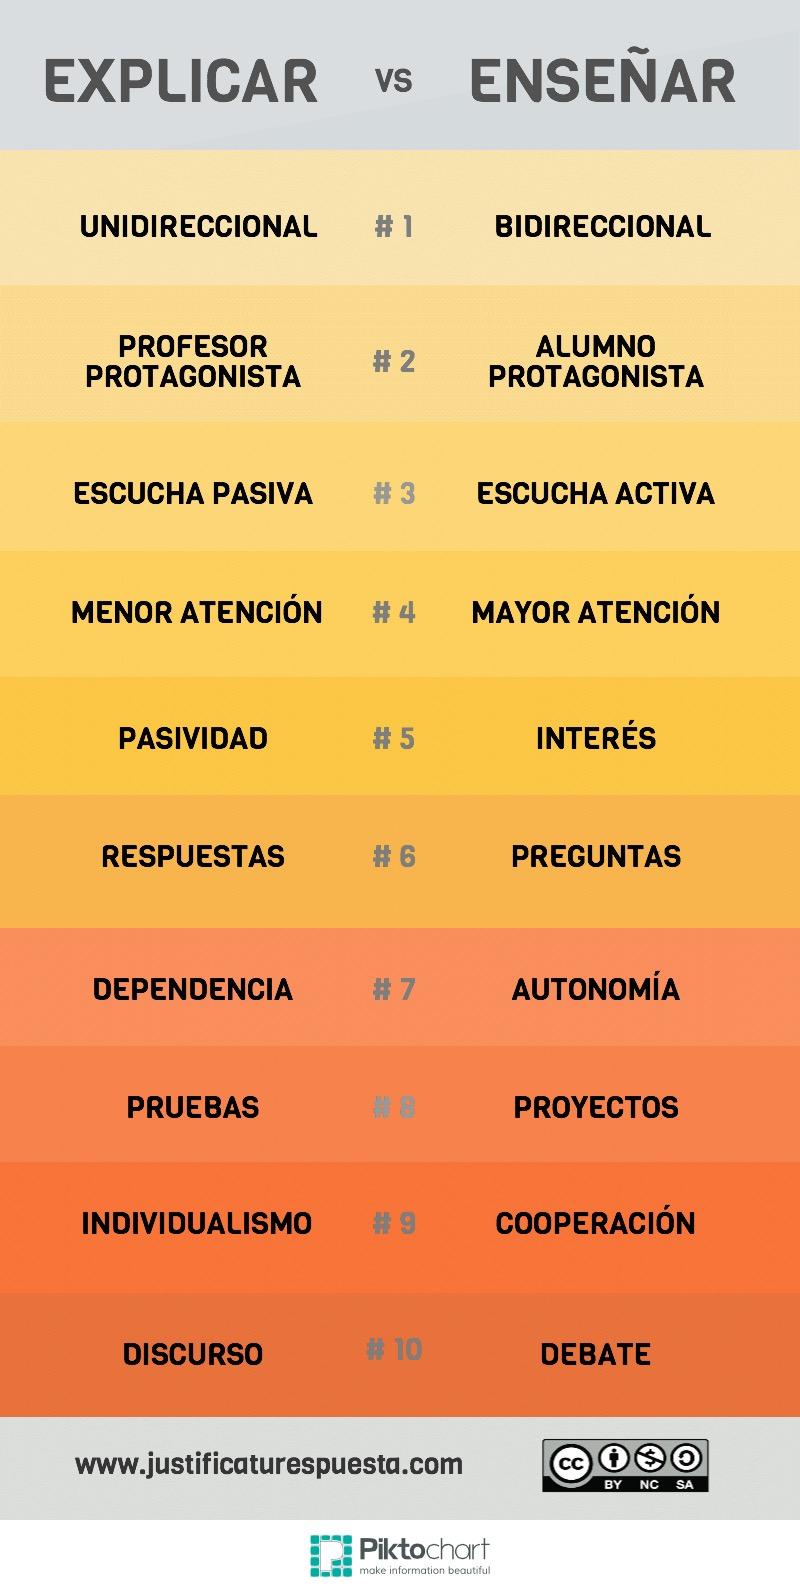 10 diferencias entre explicar y enseñar